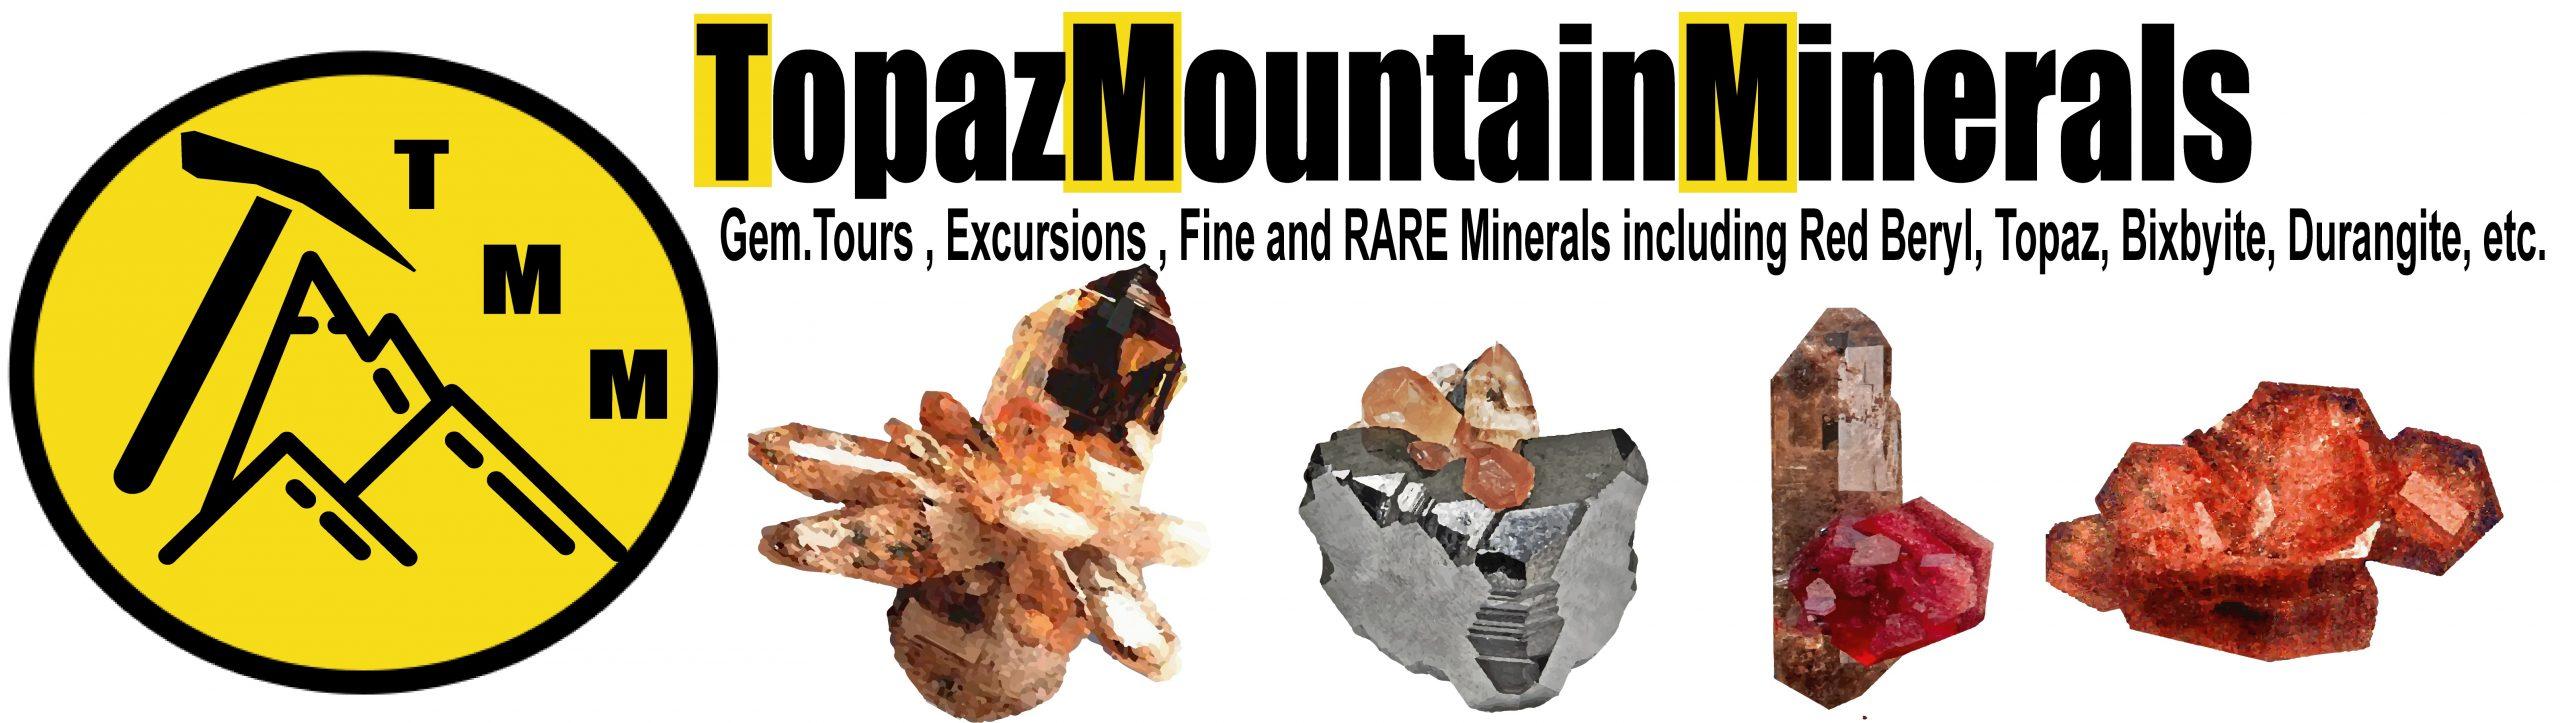 Topaz Mountain Minerals